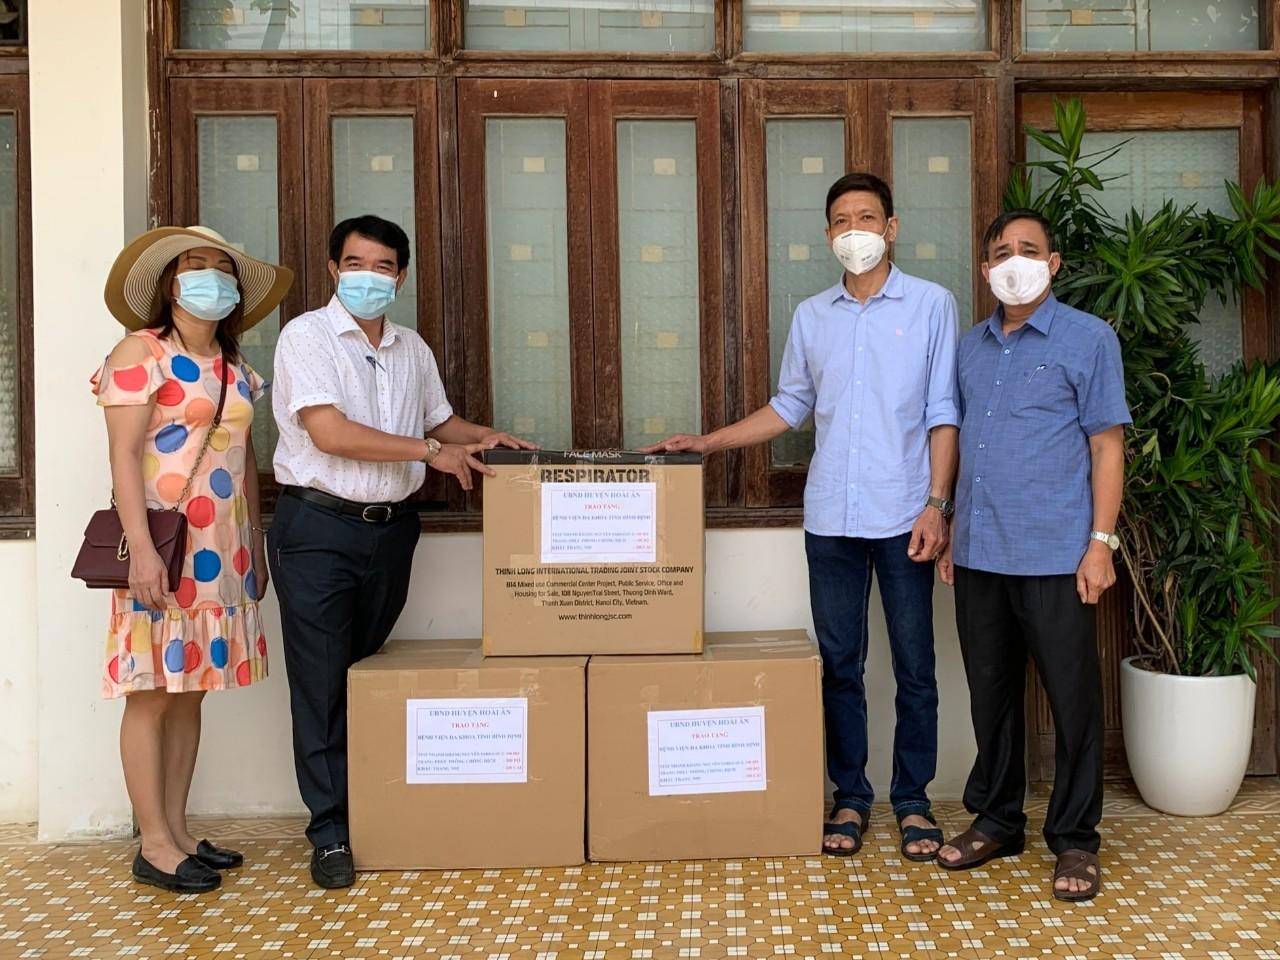 UBND huyện Hoài Ân hỗ trợ vật tư, phương tiện phòng hộ phục vụ công tác phòng, chống dịch Covid-19